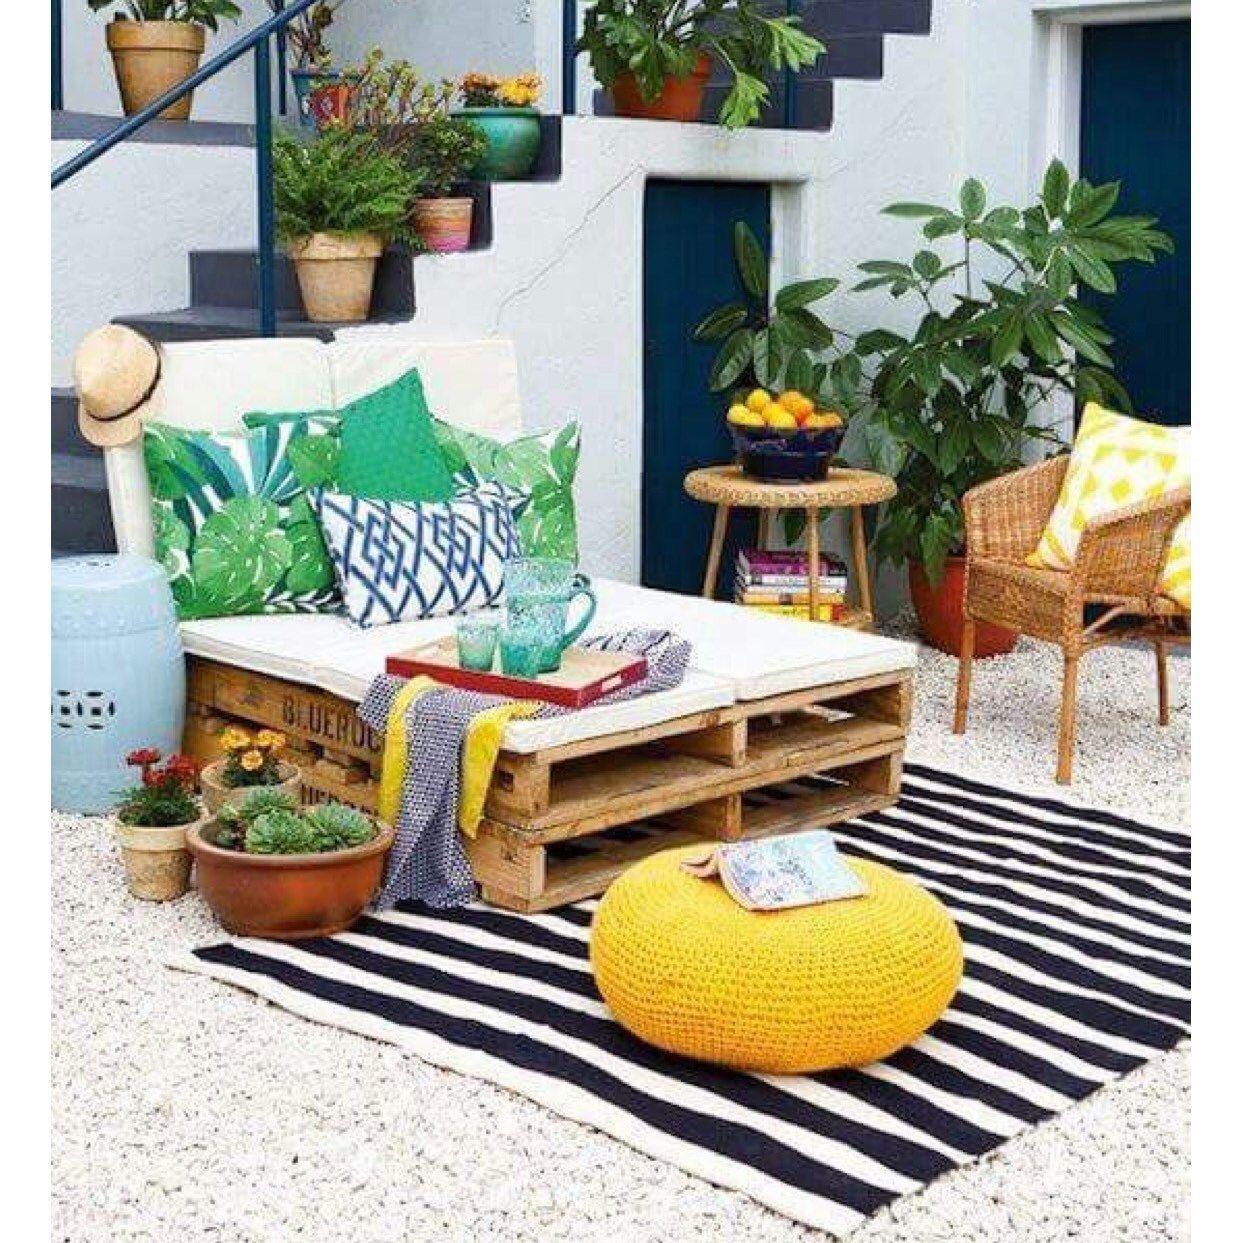 Acheter Salon De Jardin Charmant Un Joli Fauteuil En Rotin Pour Une Ambiance Outdoor Boh¨me